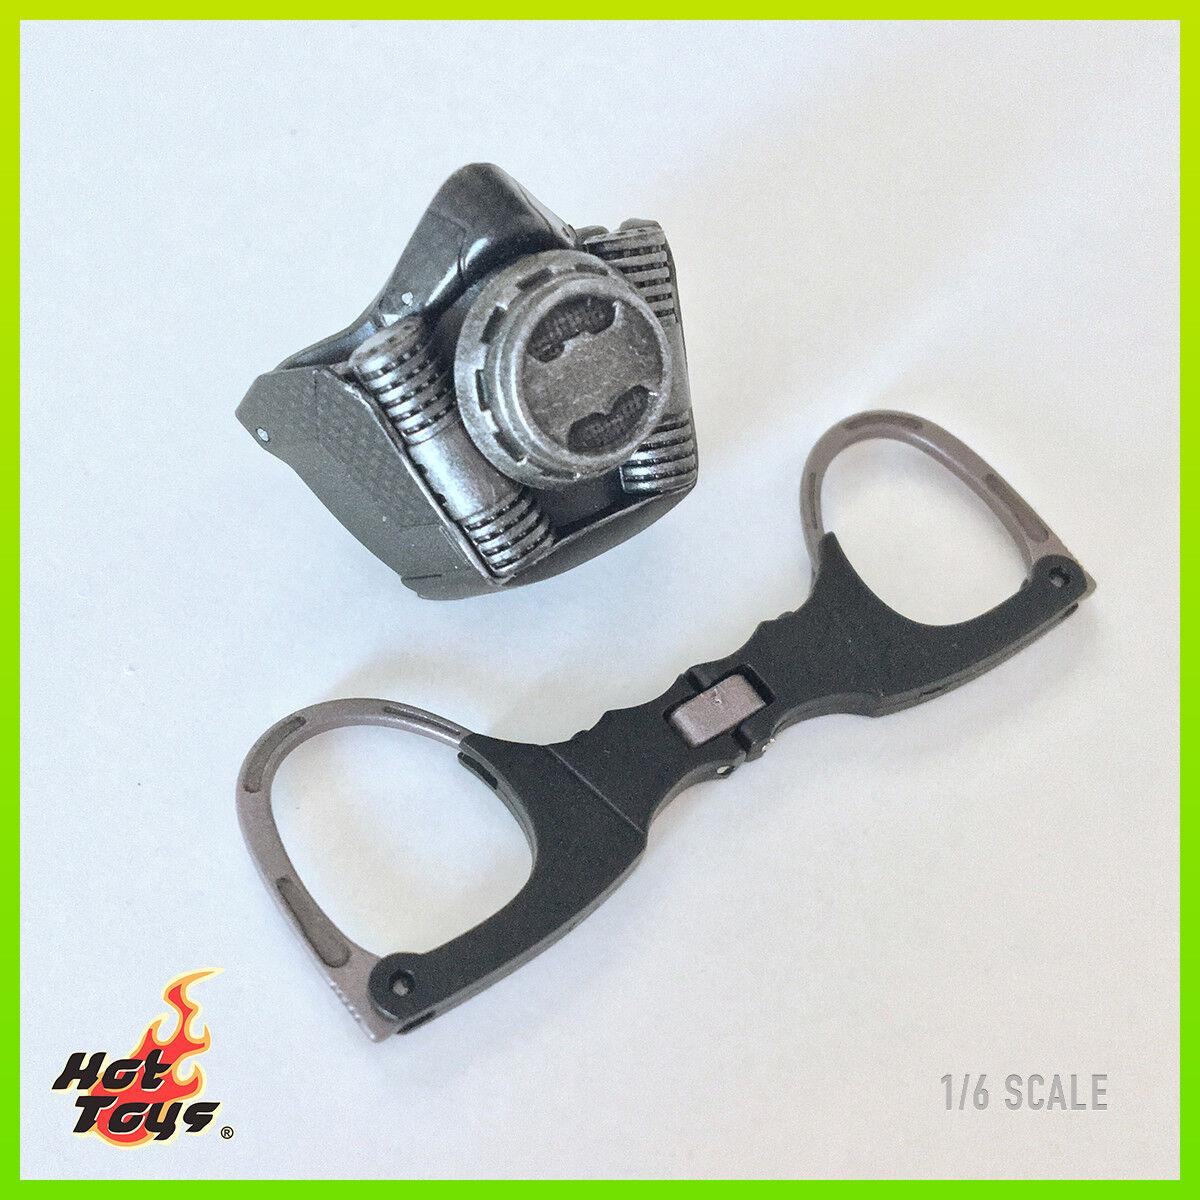 Caliente giocattoli MMS381 Suicide Squad Deadscaliente Exclusive Cuffs & Rebreather  Mask 1 6  in cerca di agente di vendita